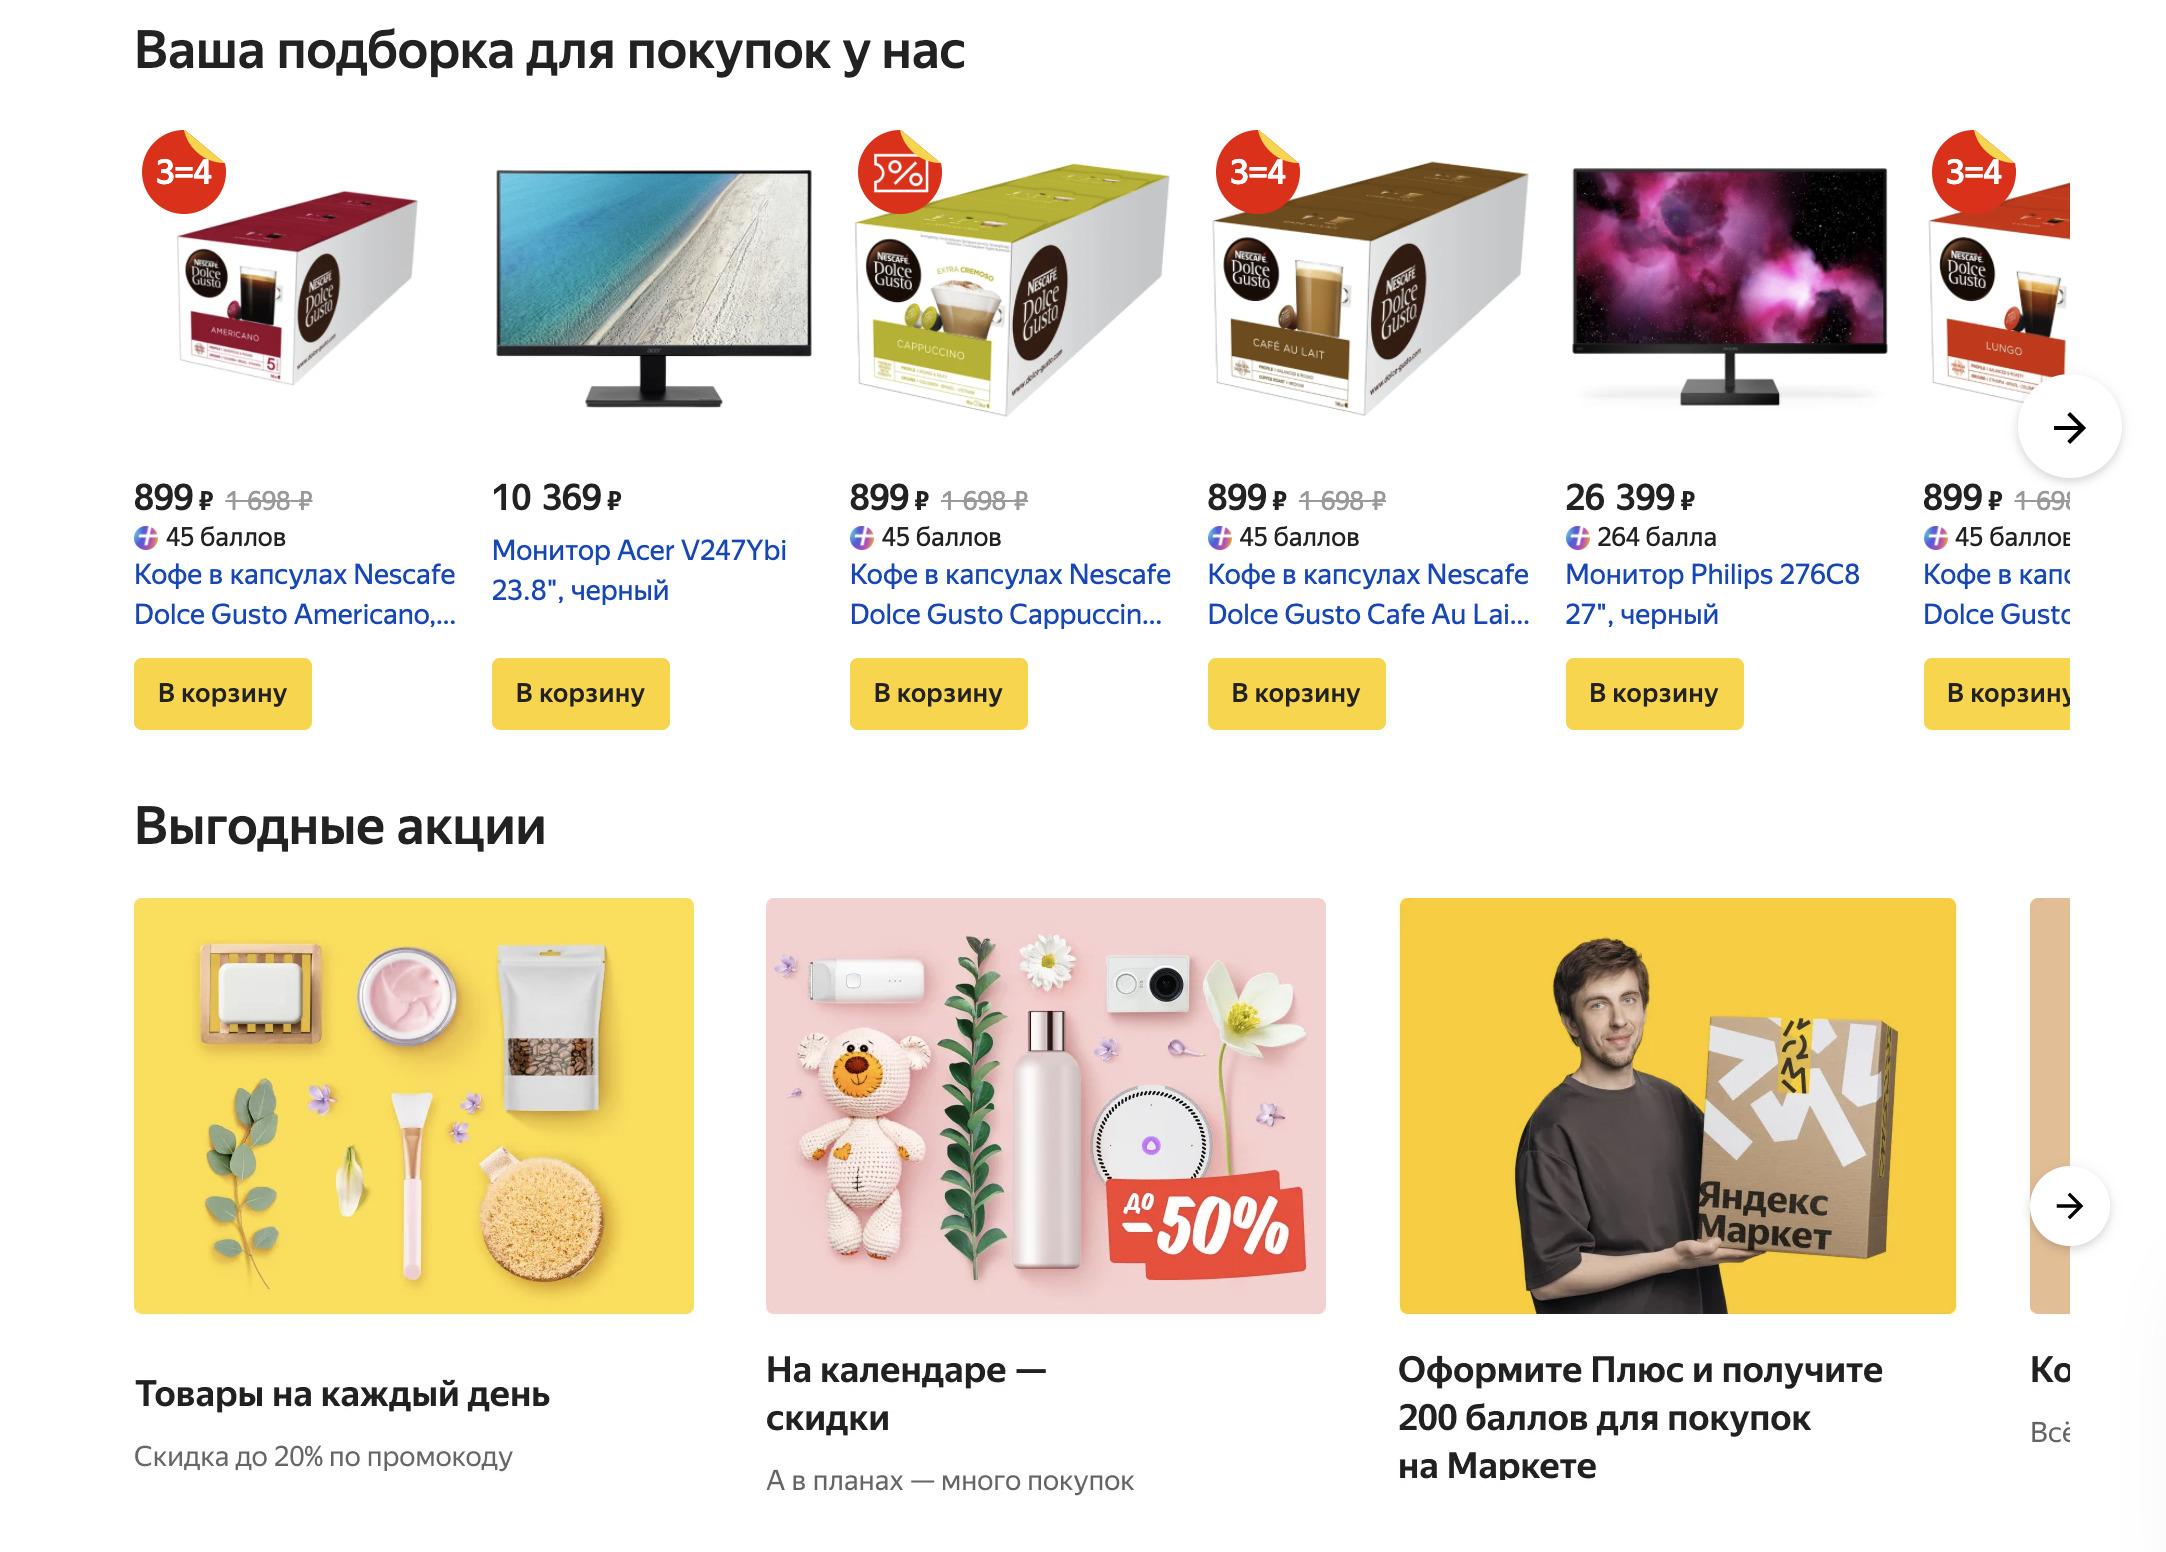 Доставка из Яндекс.Маркет в Таганрог, сроки, пункты выдачи, каталог